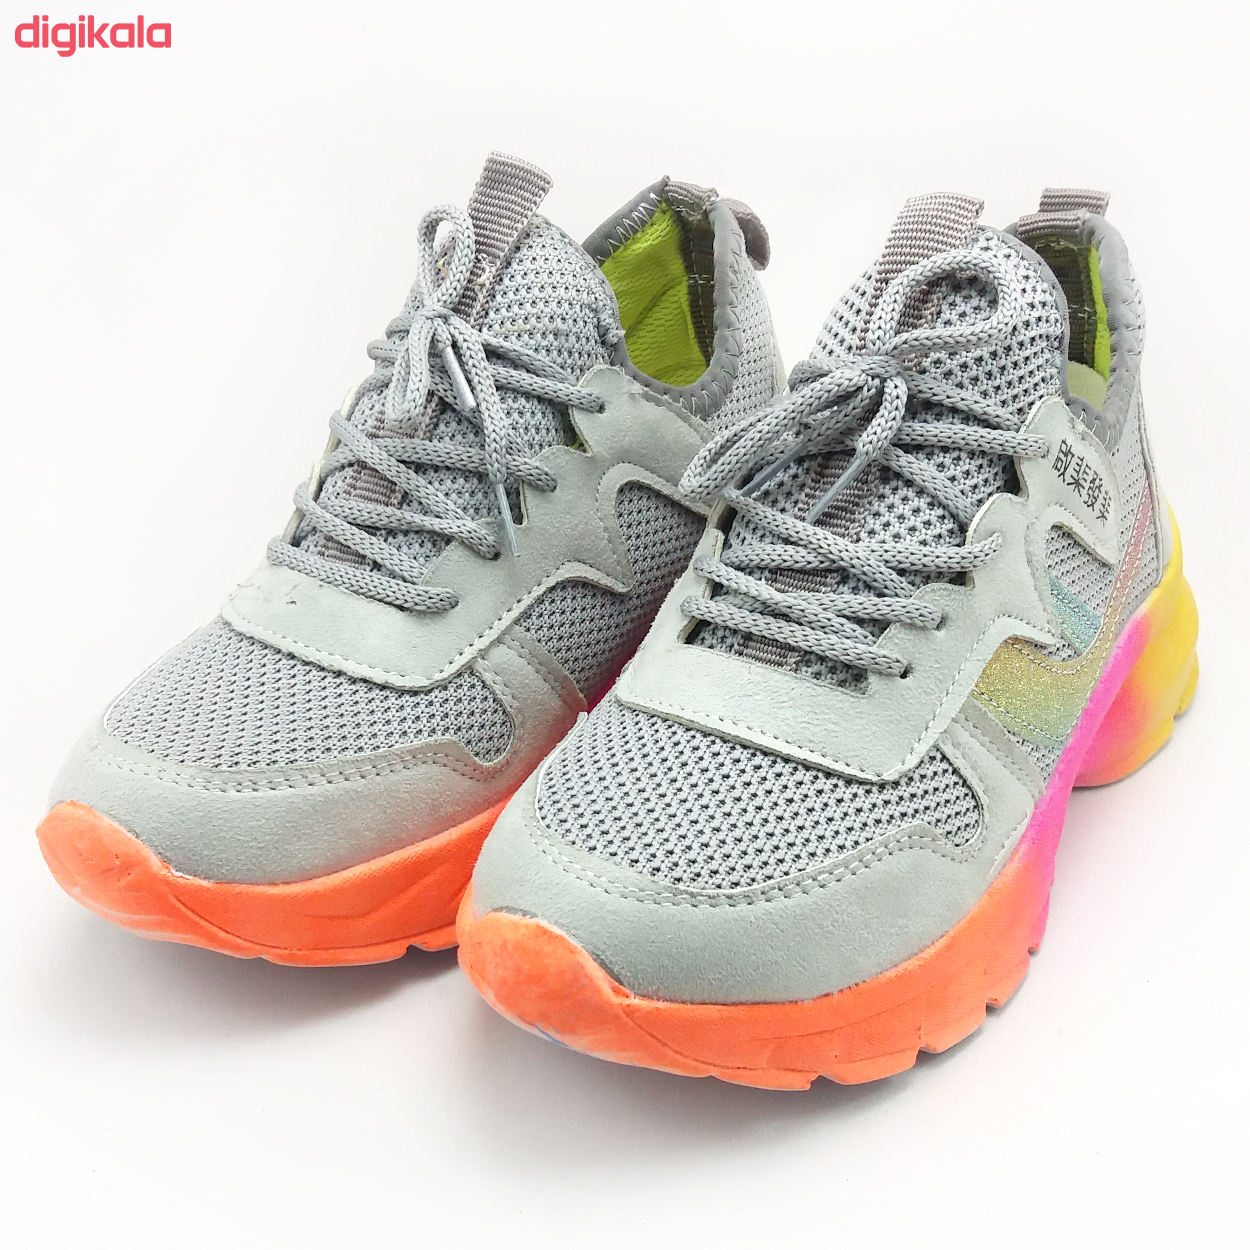 کفش مخصوص پیاده روی نه مدل حدیث کد 126